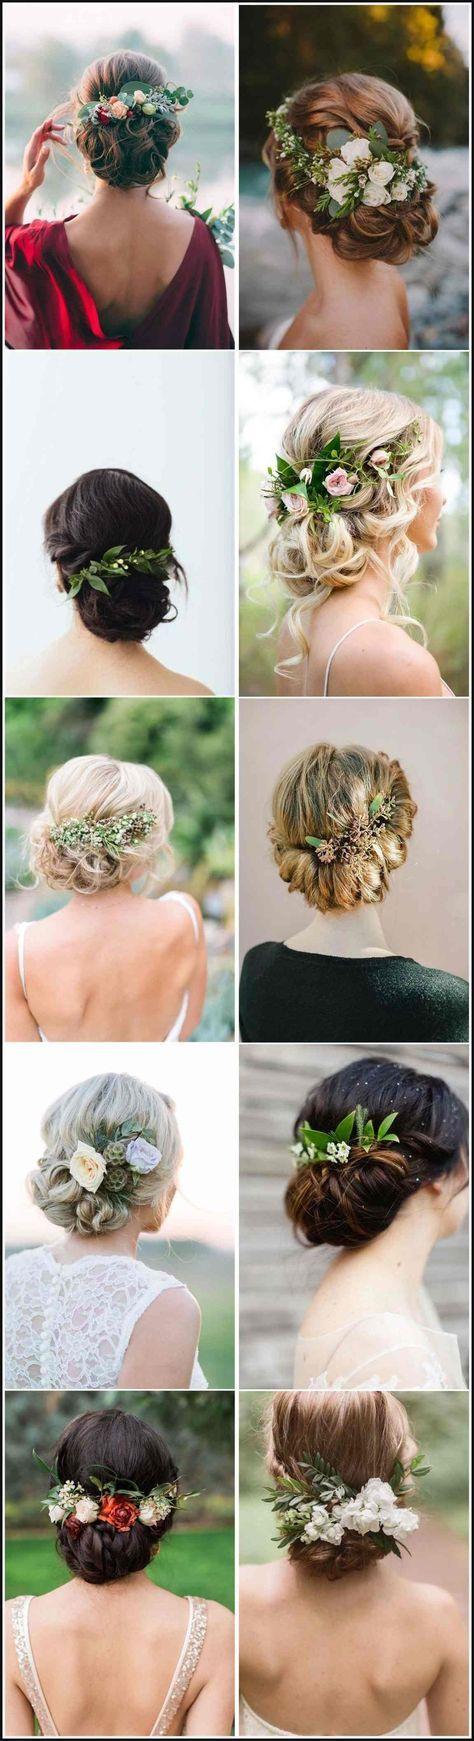 18 Wedding Updo Hairstyles with Greenery Decorations | Frisur … | Einfache Frisuren. #weddinghairstyles #bridalhair #hairstyles #updos #updo #updohairstyles